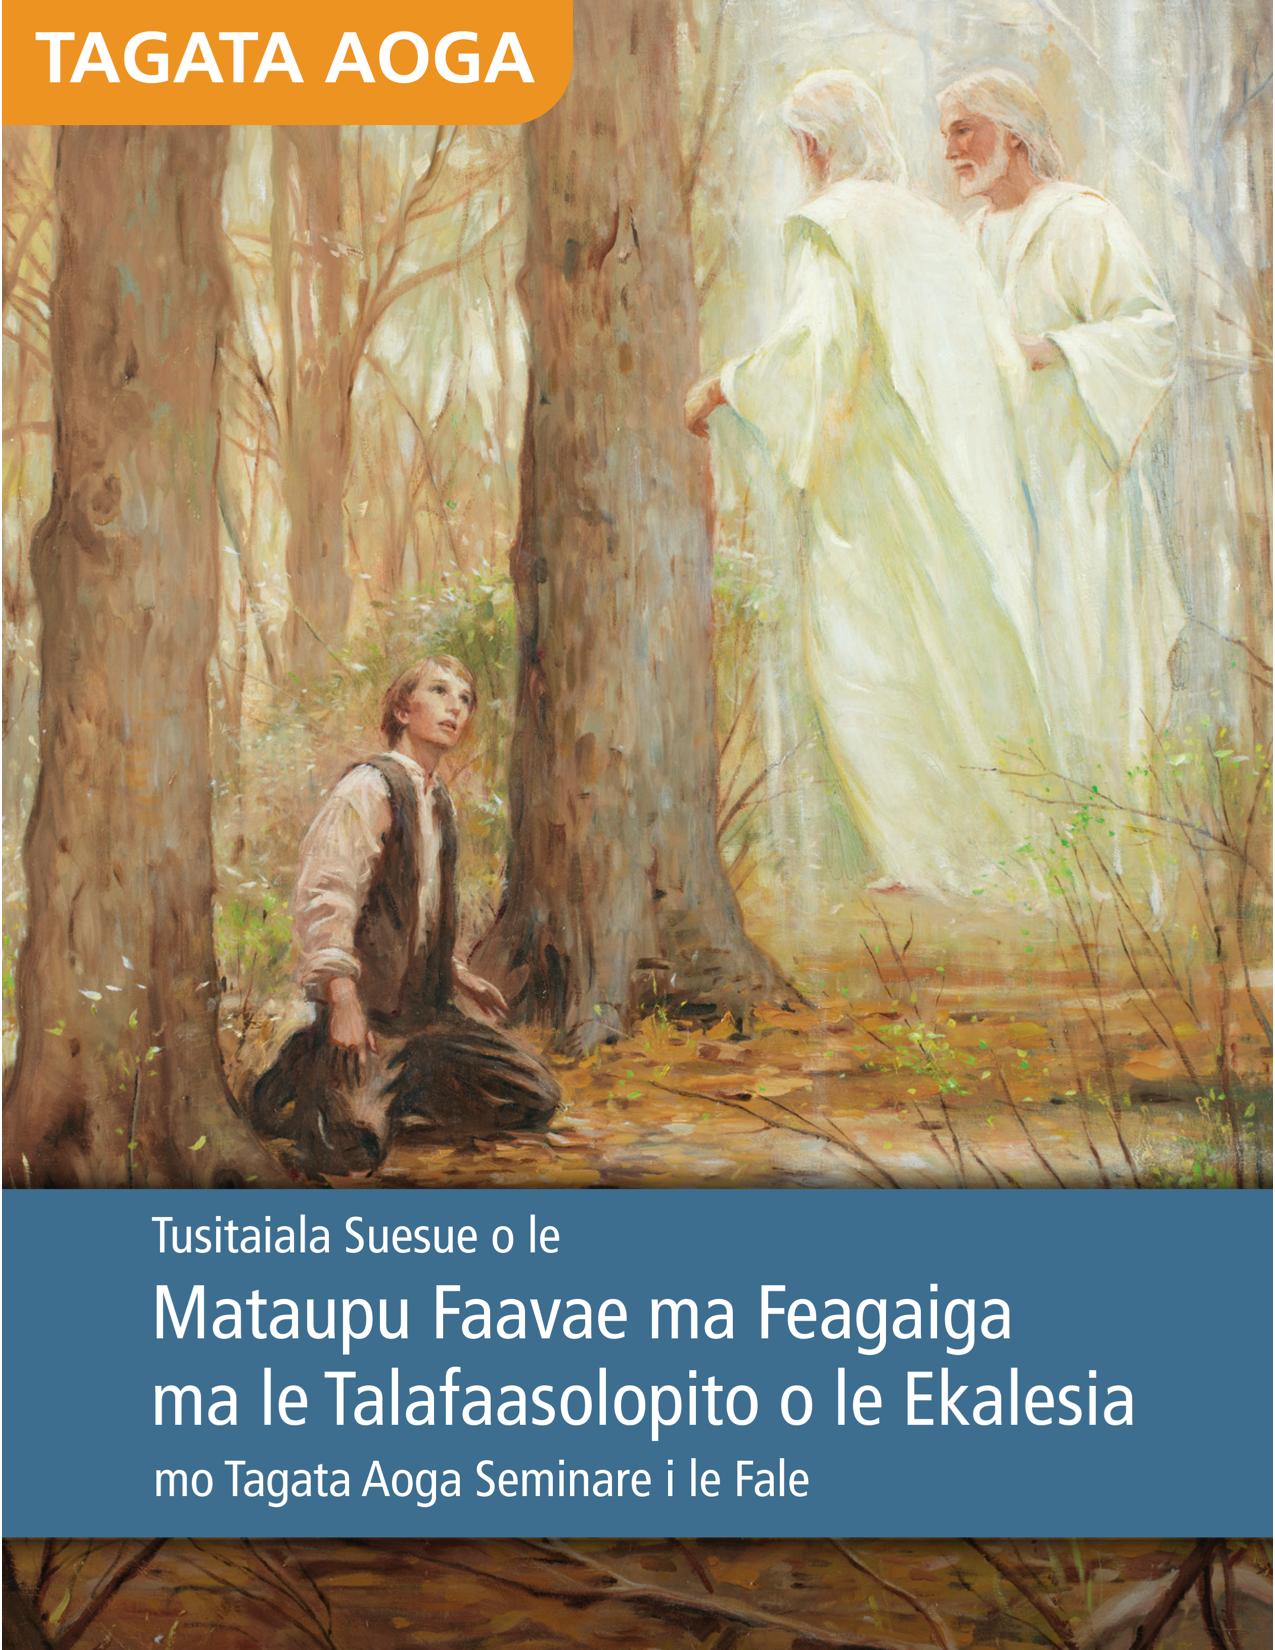 Tusitaiala Suesue o le Mataupu Faavae ma Feagaiga ma le Talafaasolopito o le Ekalesia mo Tagata Aoga Seminare i le Fale